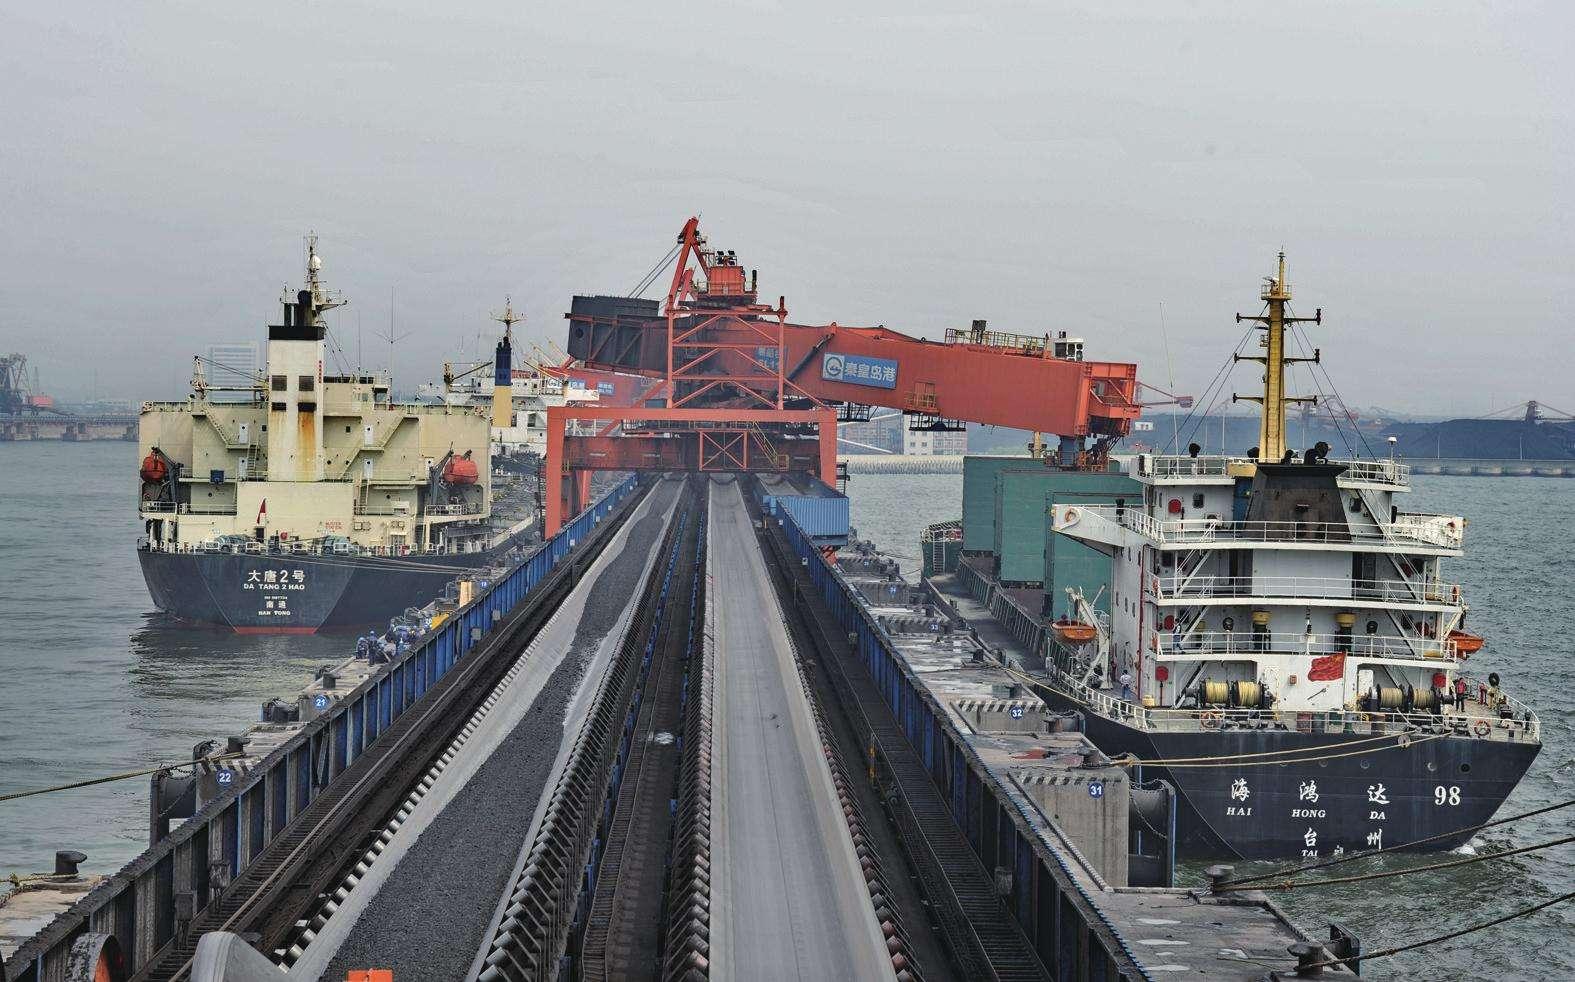 2019年我国沿海煤炭交易逐渐活跃 开局运输形势良好